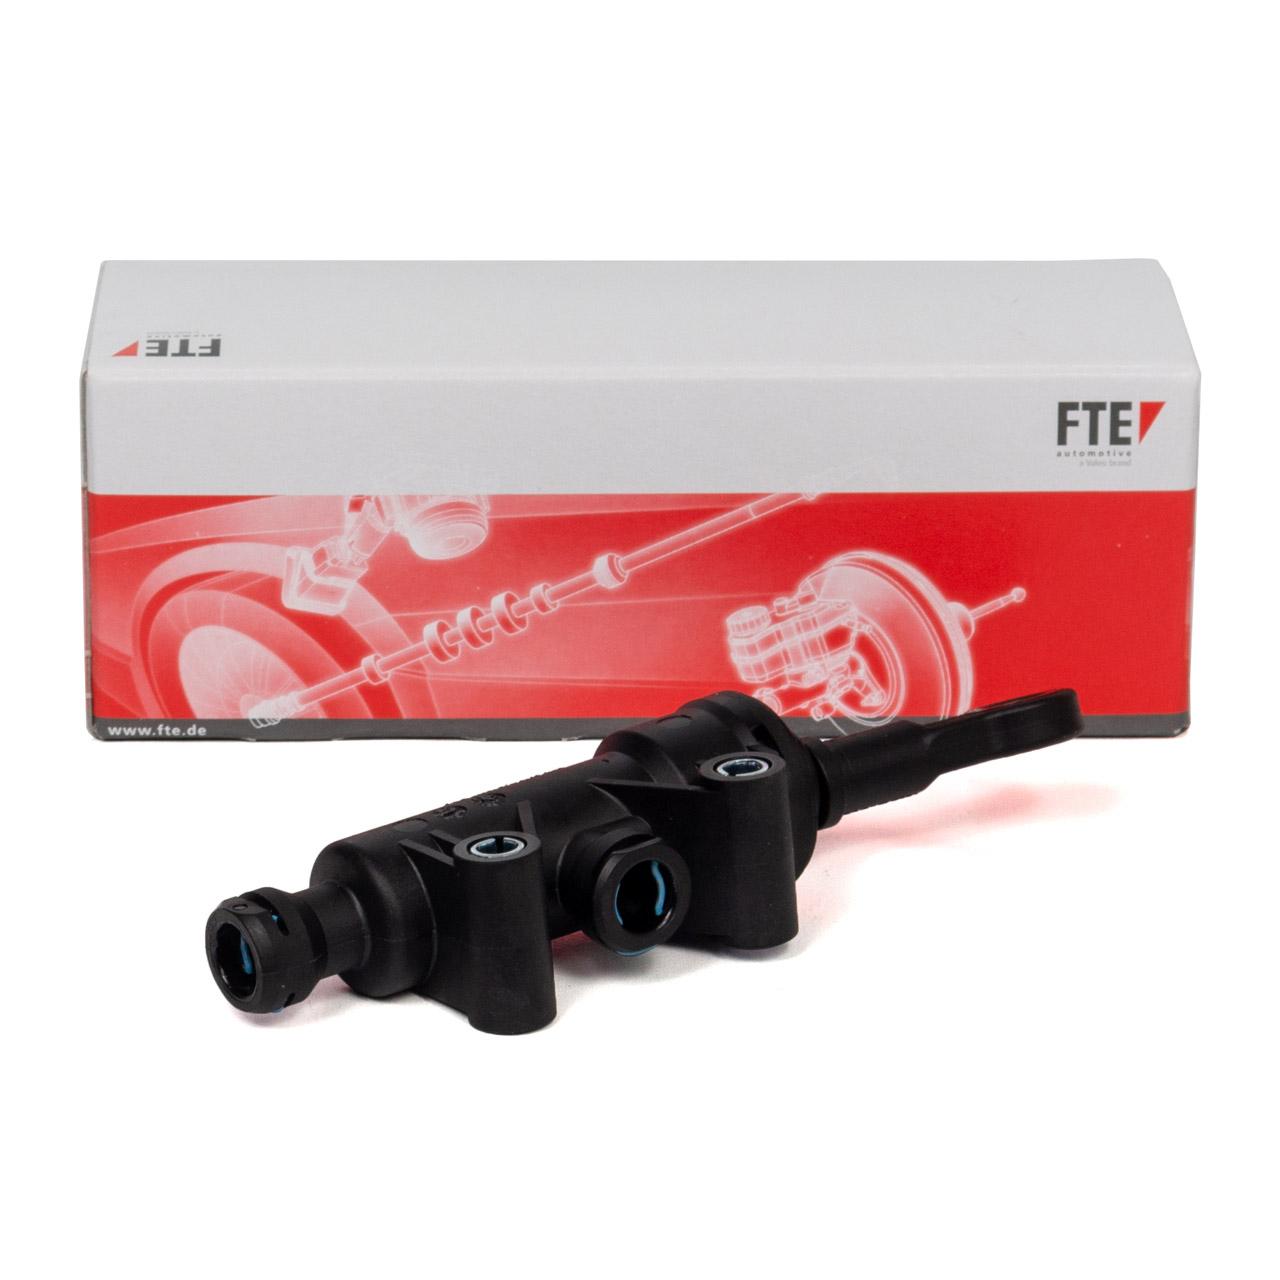 FTE / VALEO 2104719 Geberzylinder PORSCHE 996 Boxster (986) 99642317108